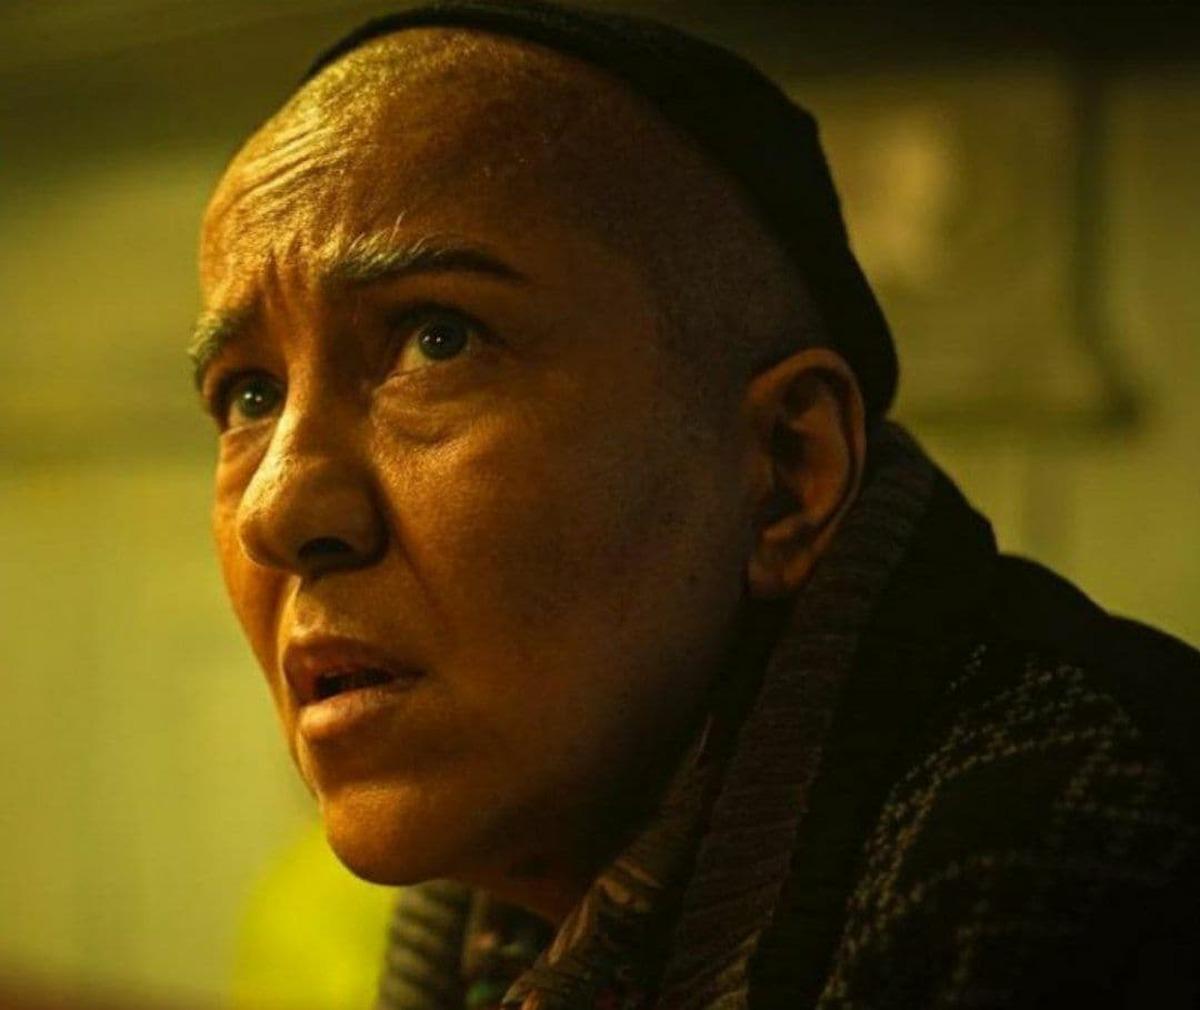 واکنش پانتهآ بهرام به حذف فیلم «قاتل و وحشی»  |   زن بودن در این سینما آسان نیست